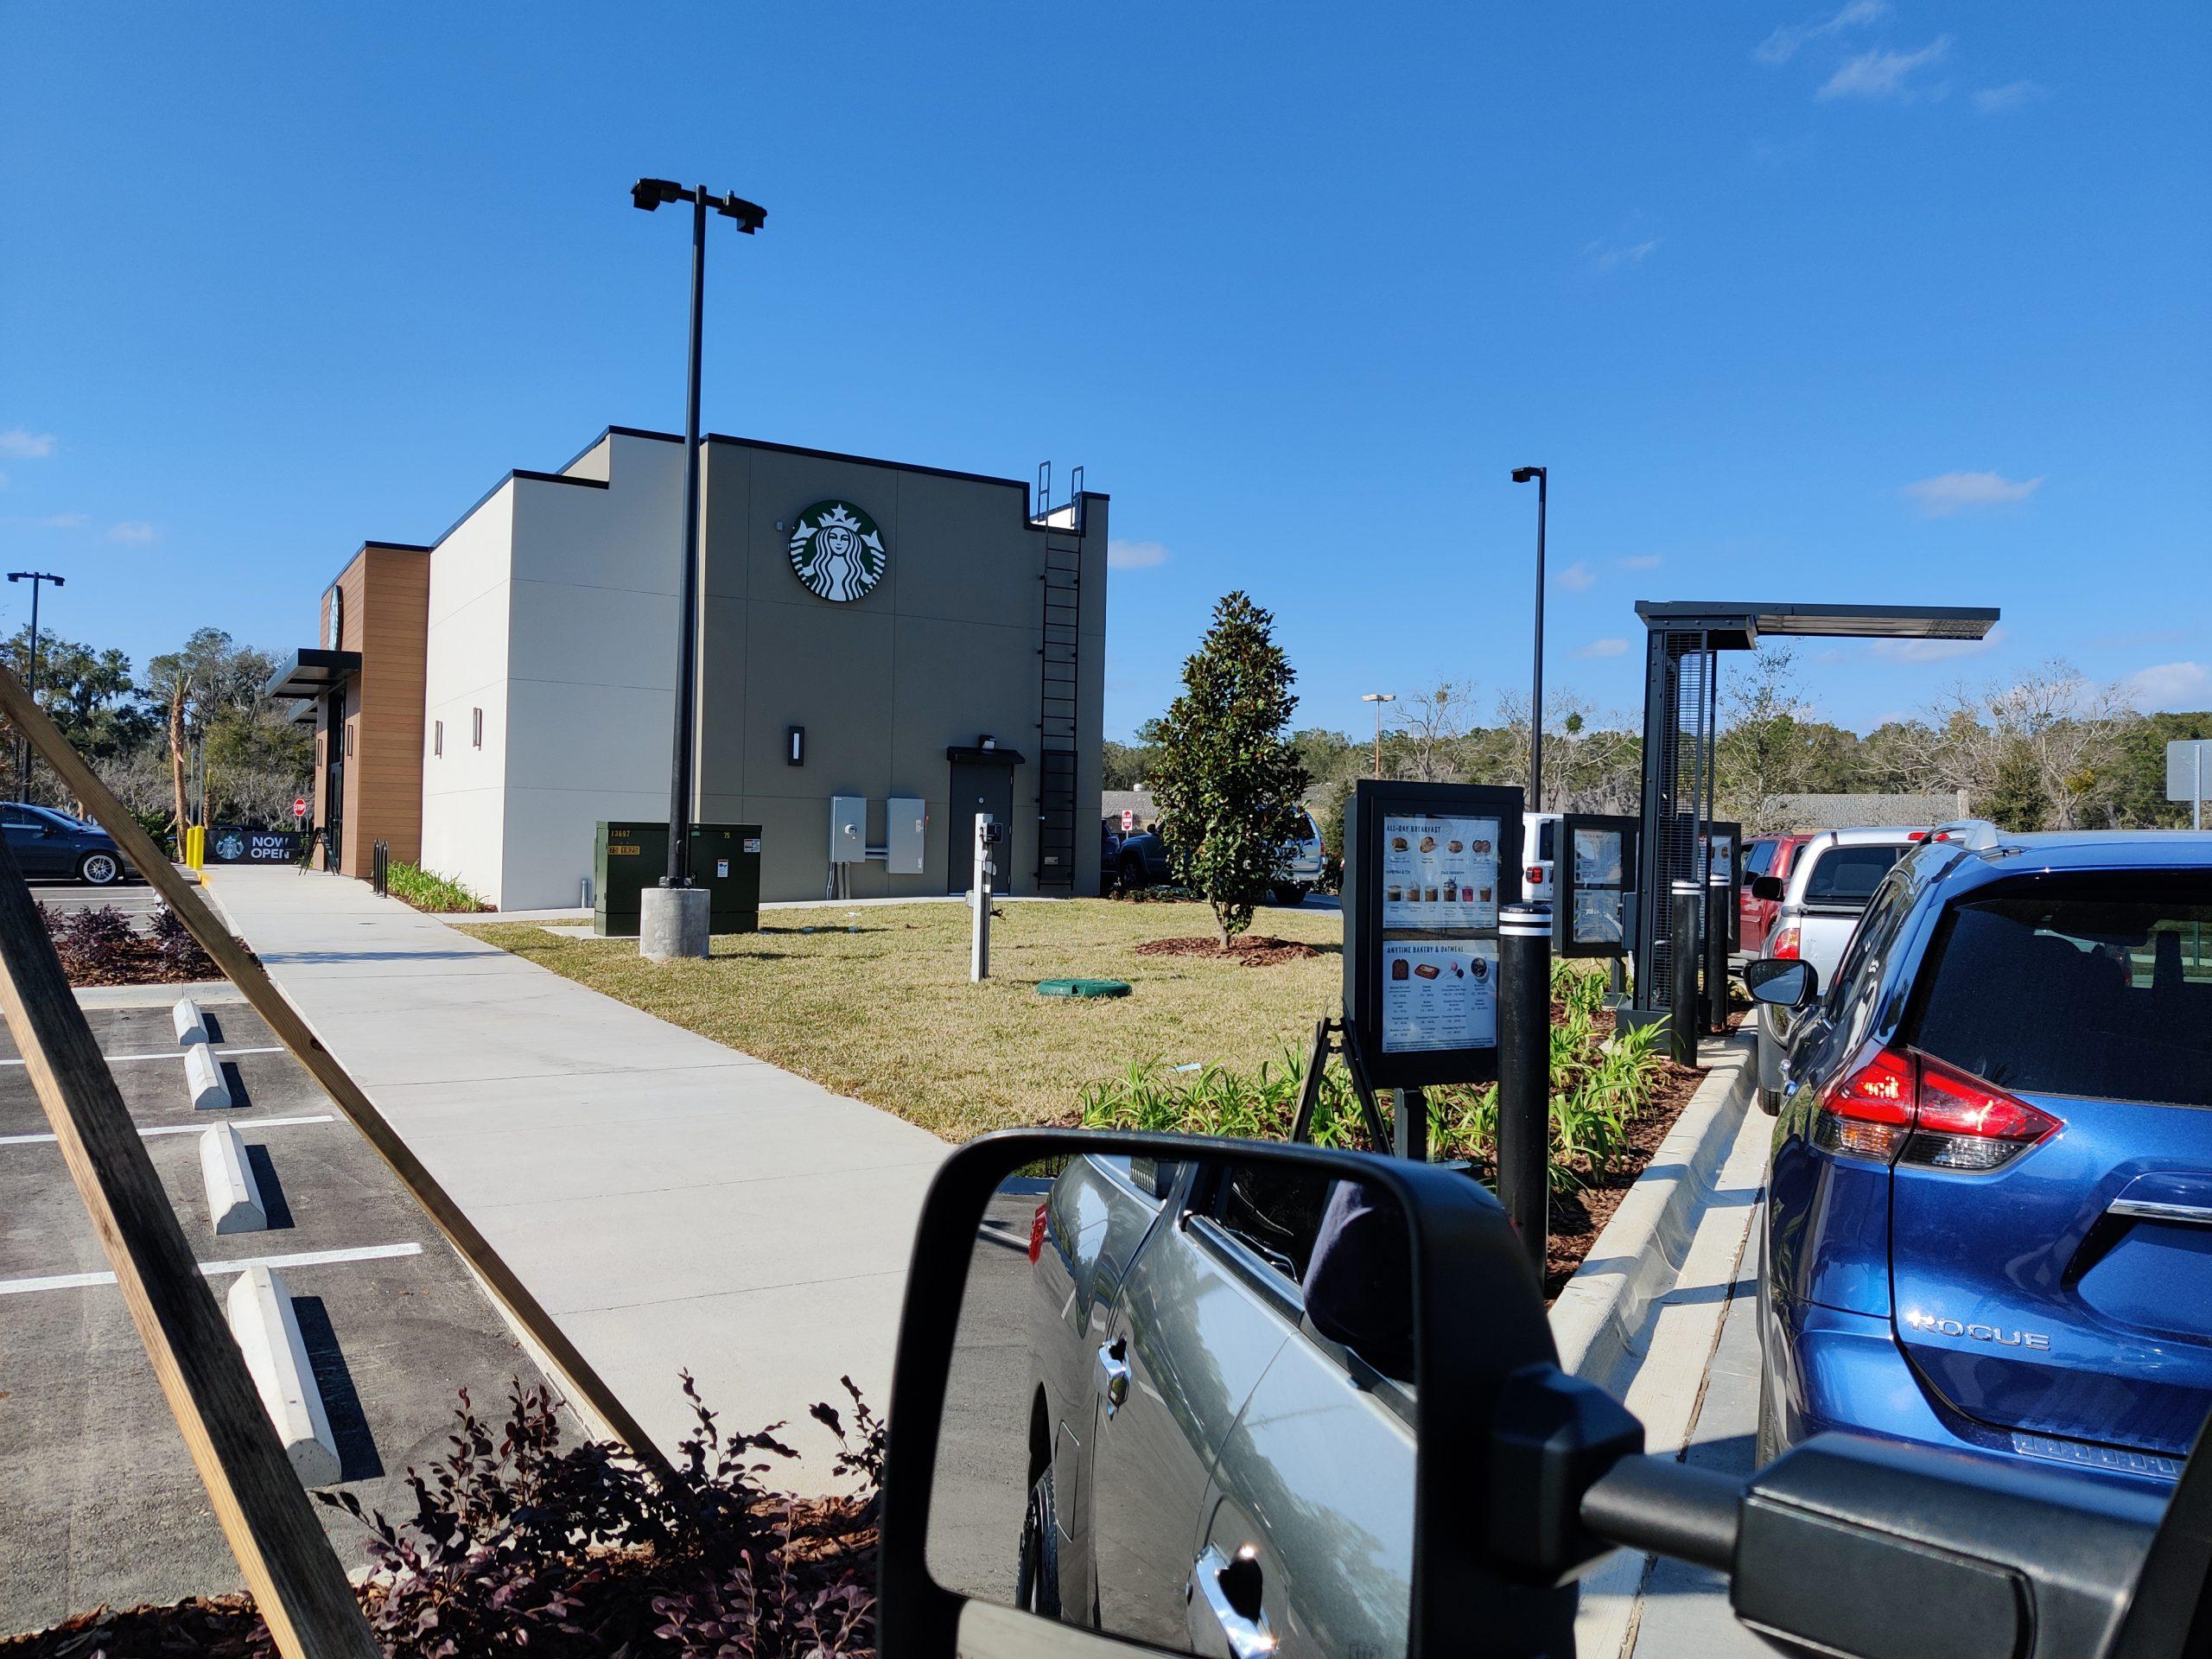 02-07-2021 Starbucks Opens around corner